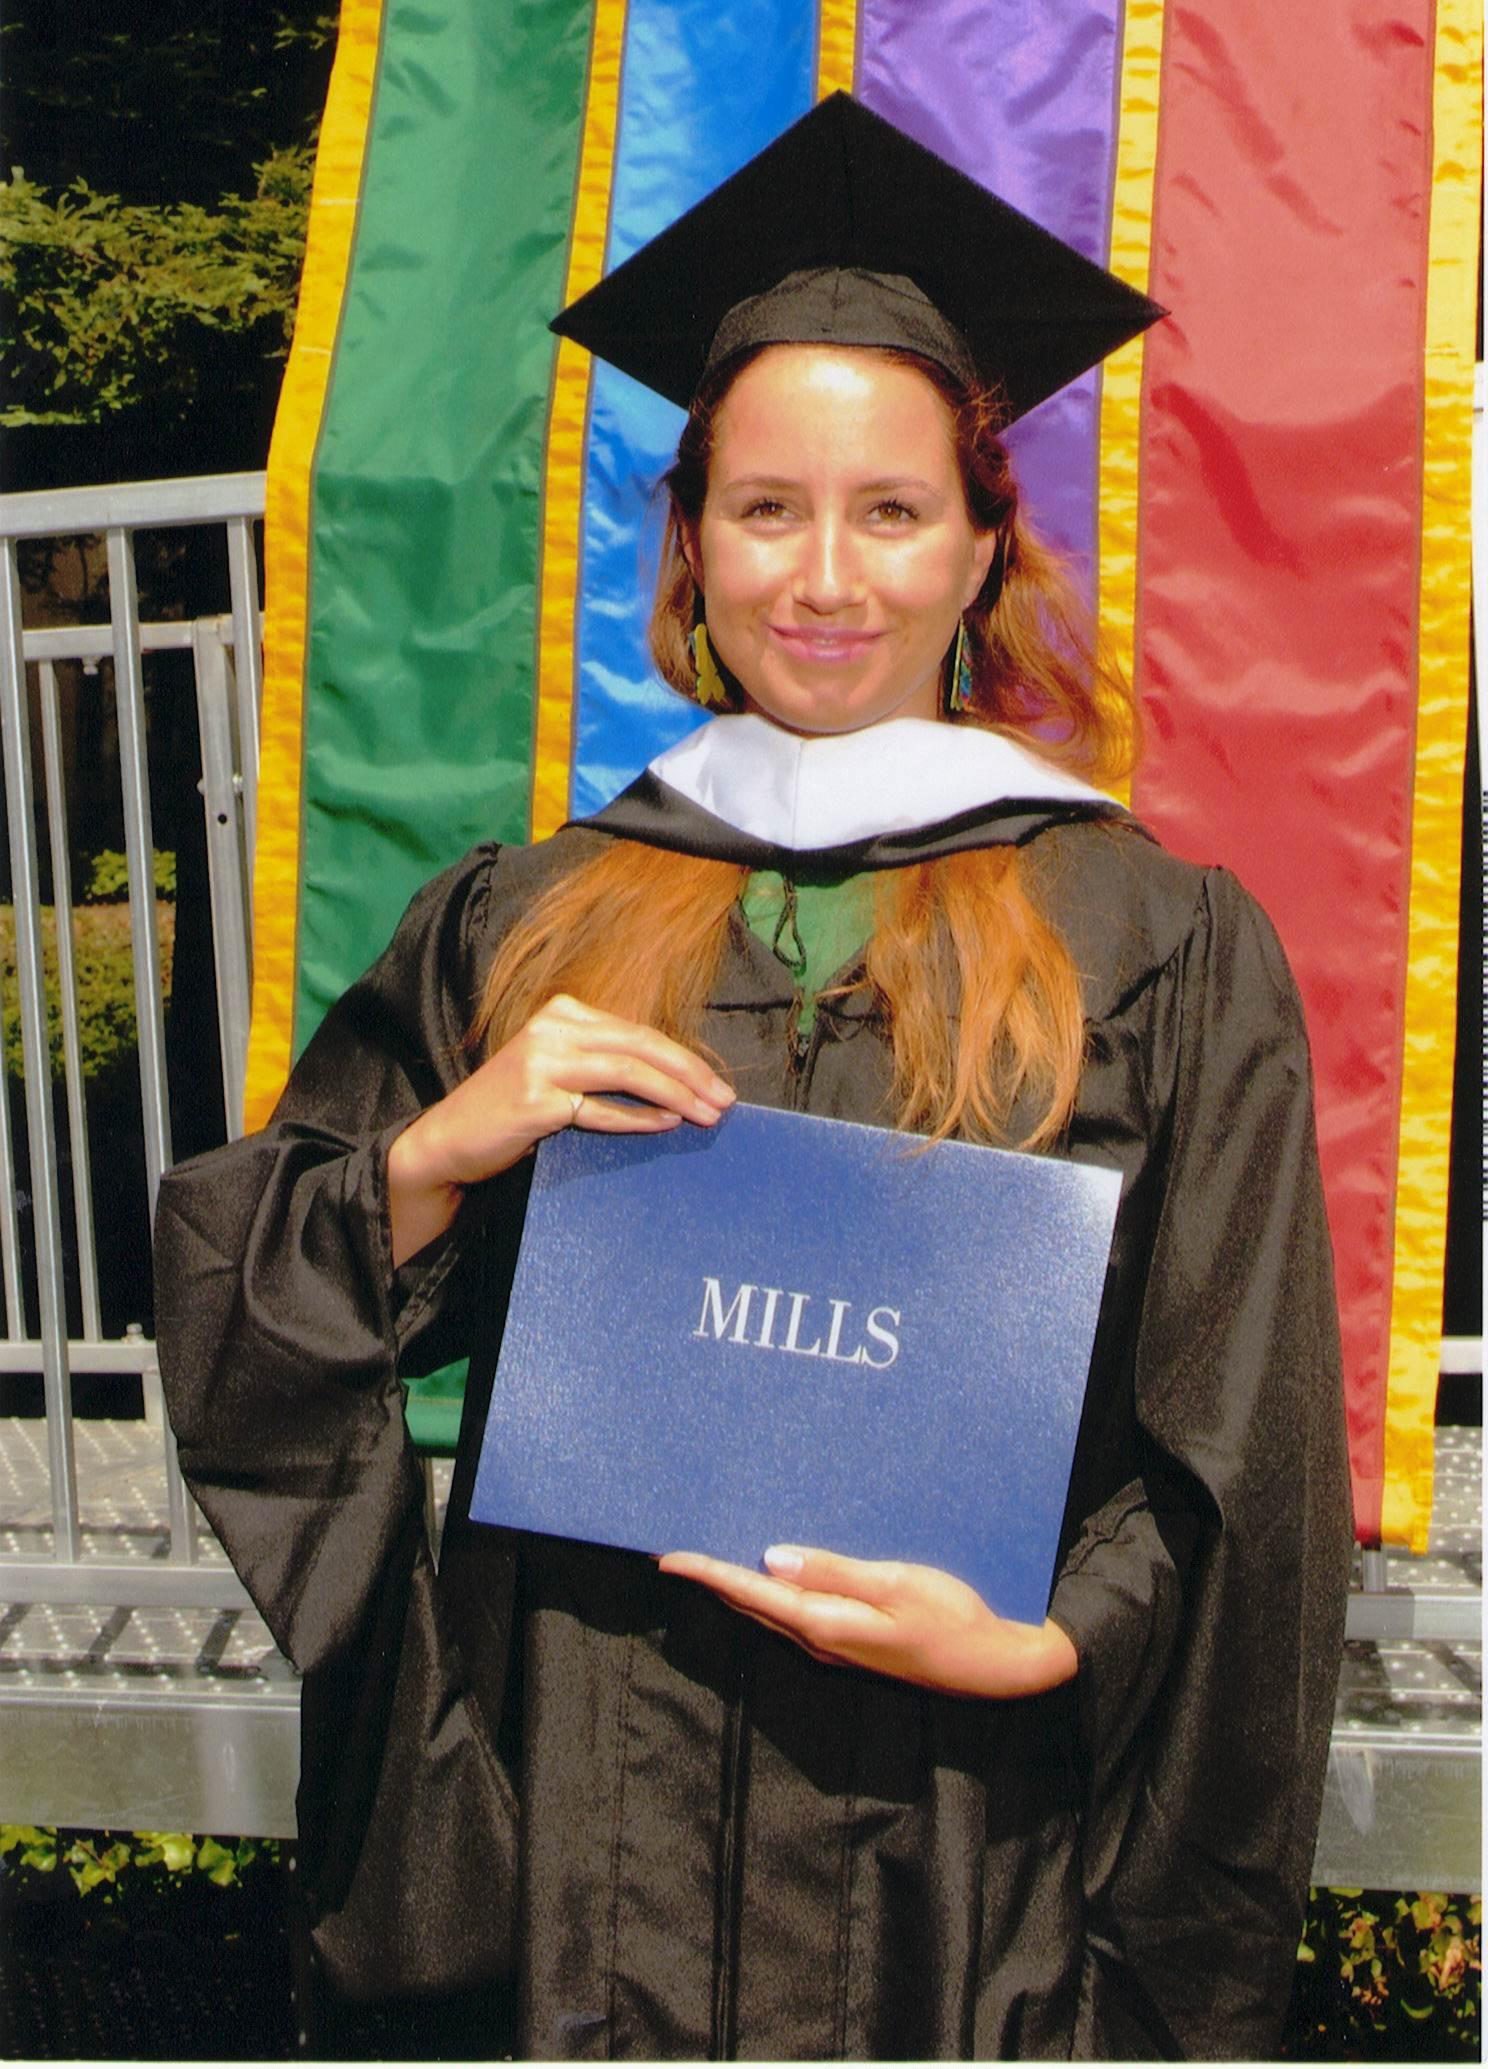 MillsJacky002.jpg